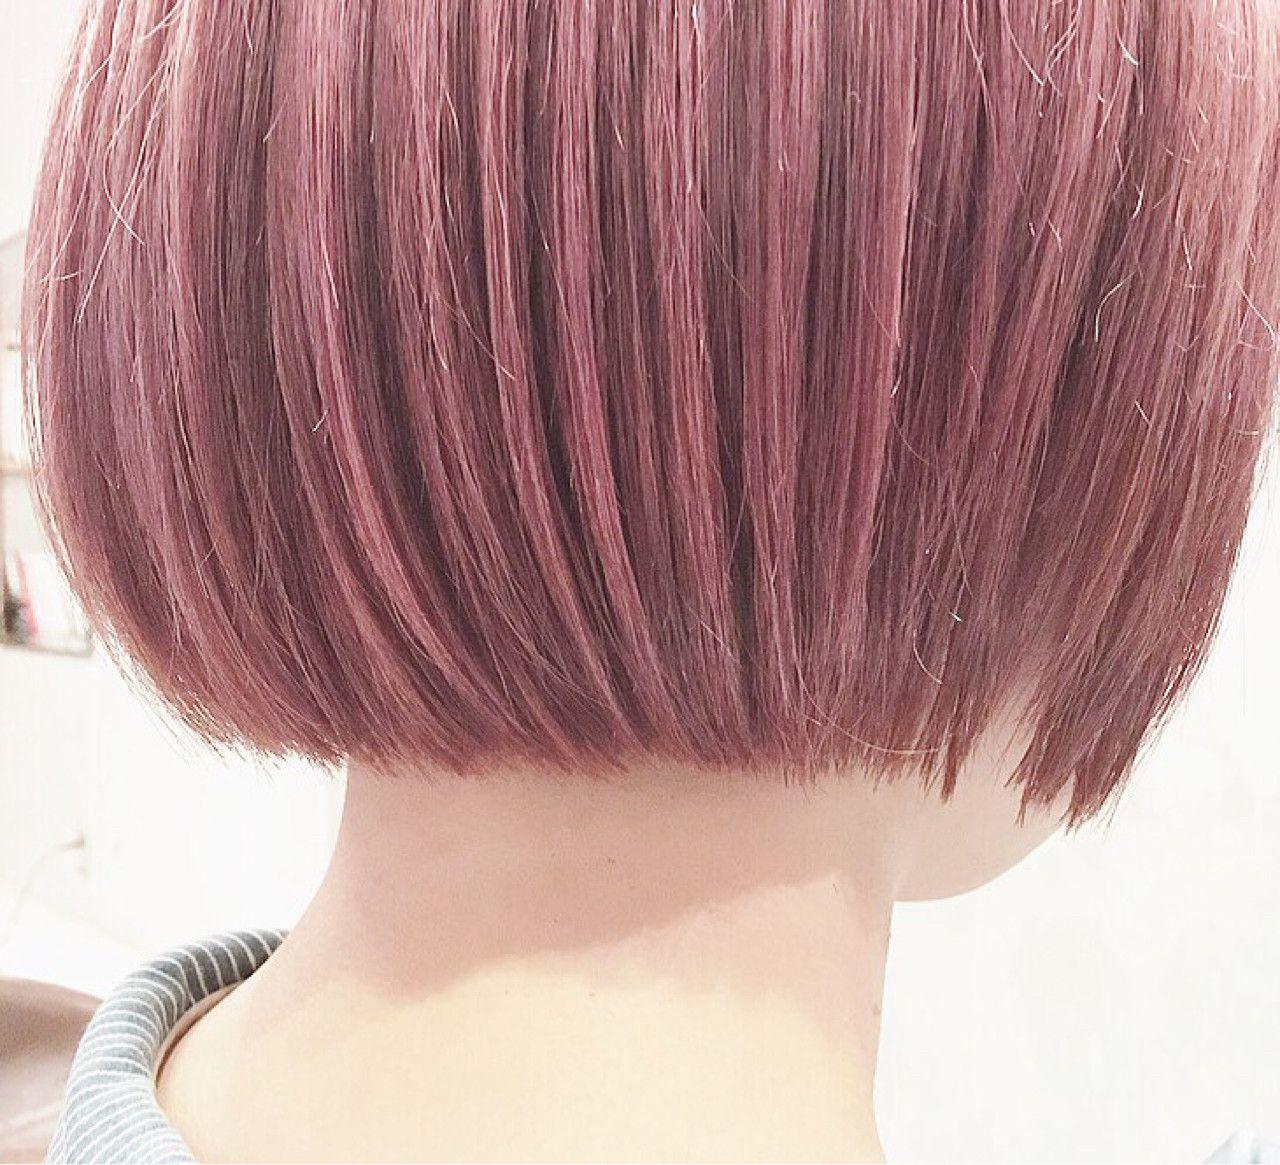 ブリーチ後にピンクバイオレットを ダブルカラーだと発色と透明感が